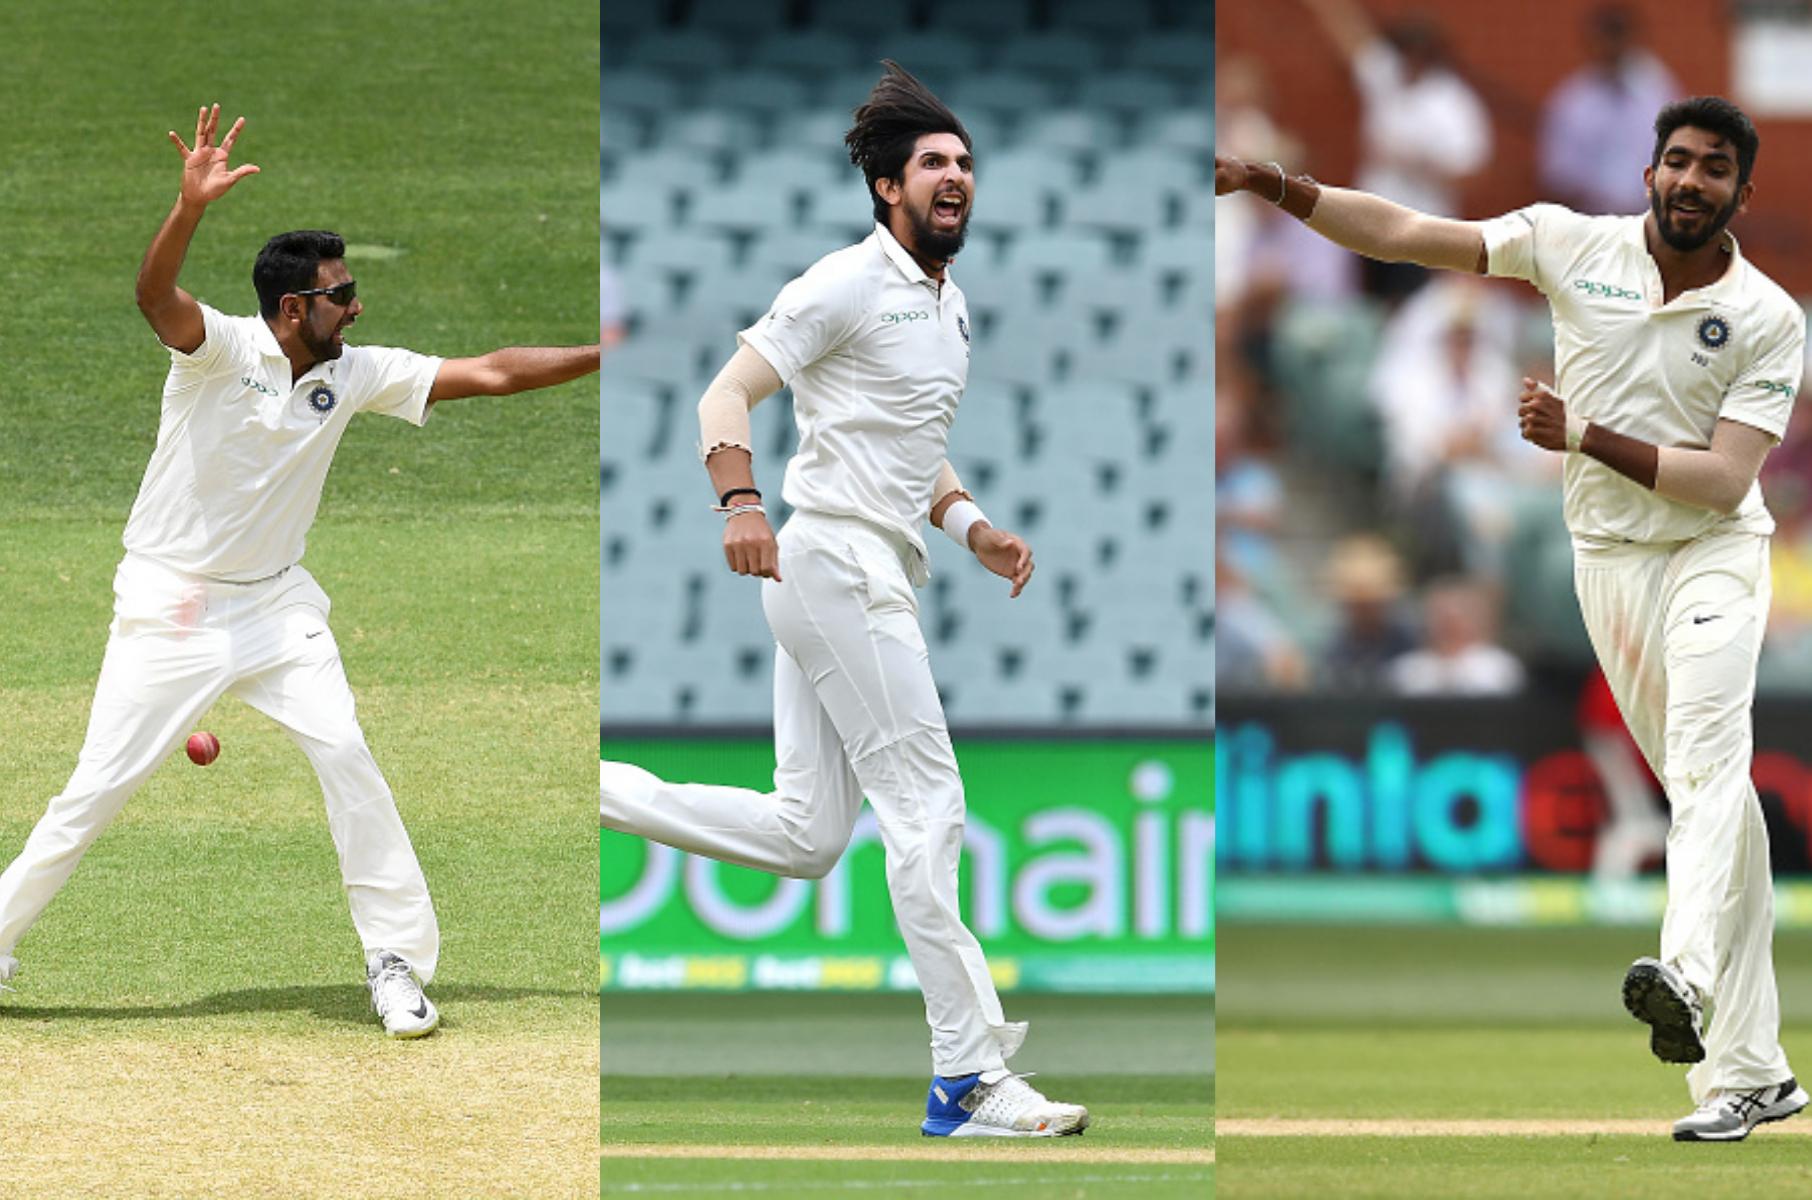 रवि आश्विन ने ३ जबकि इशांत शर्मा और जसप्रीत बुमराह ने २-२ विकेट लिए | Getty